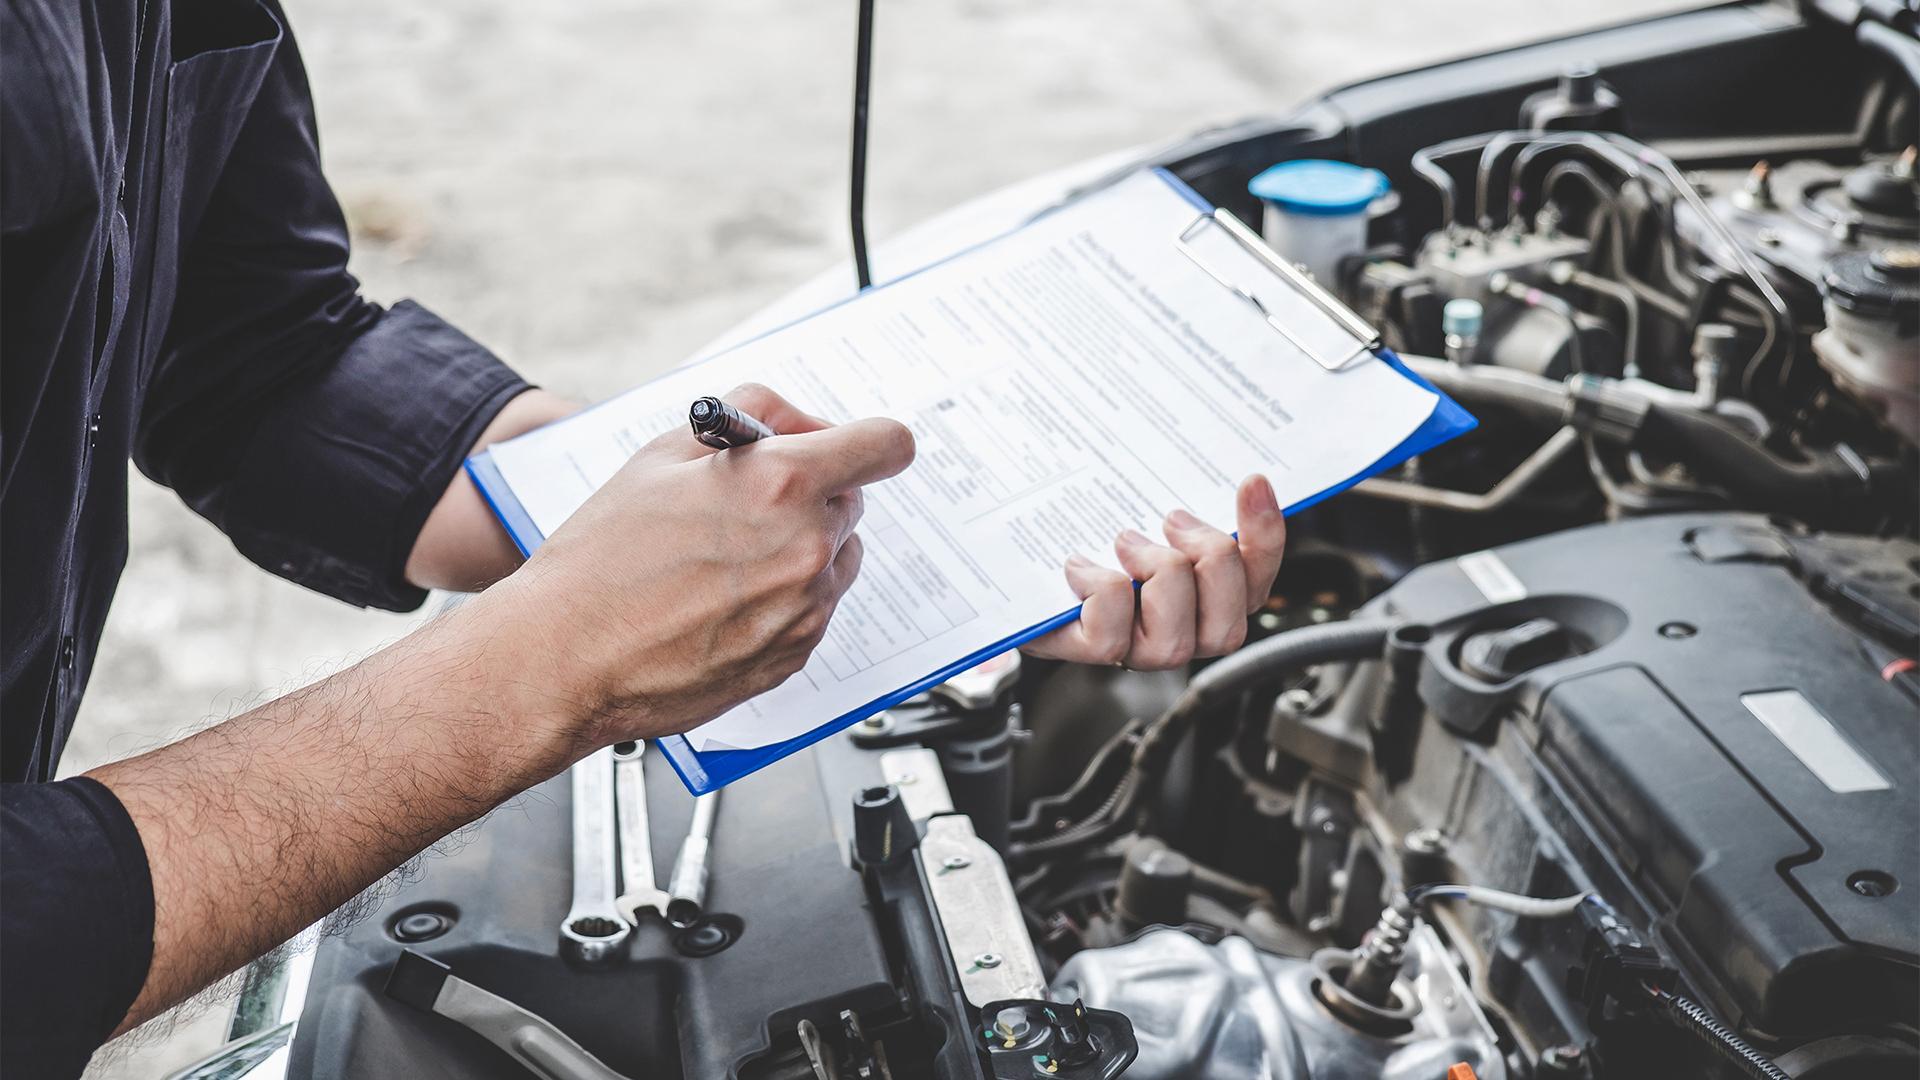 Organiza tu historial de mantenimiento de vehículos